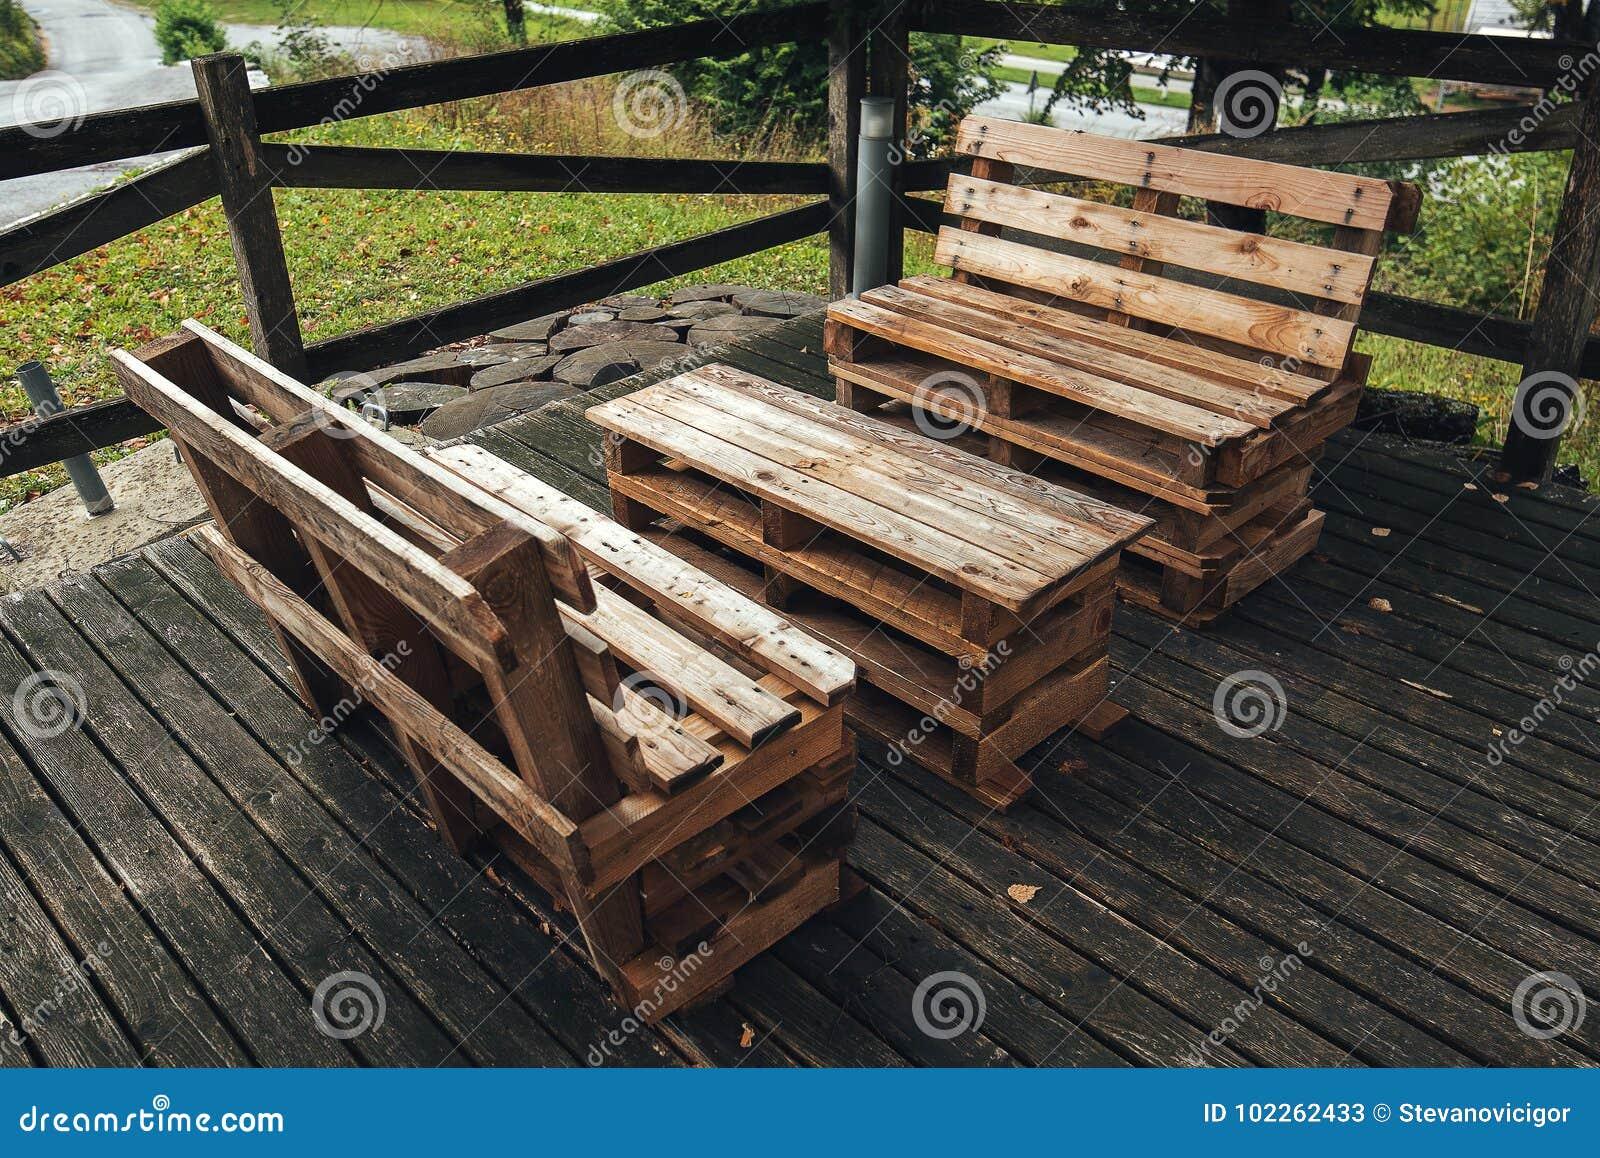 DIY-Palettenmöbel stockbild. Bild von ökologisch, draußen - 102262433